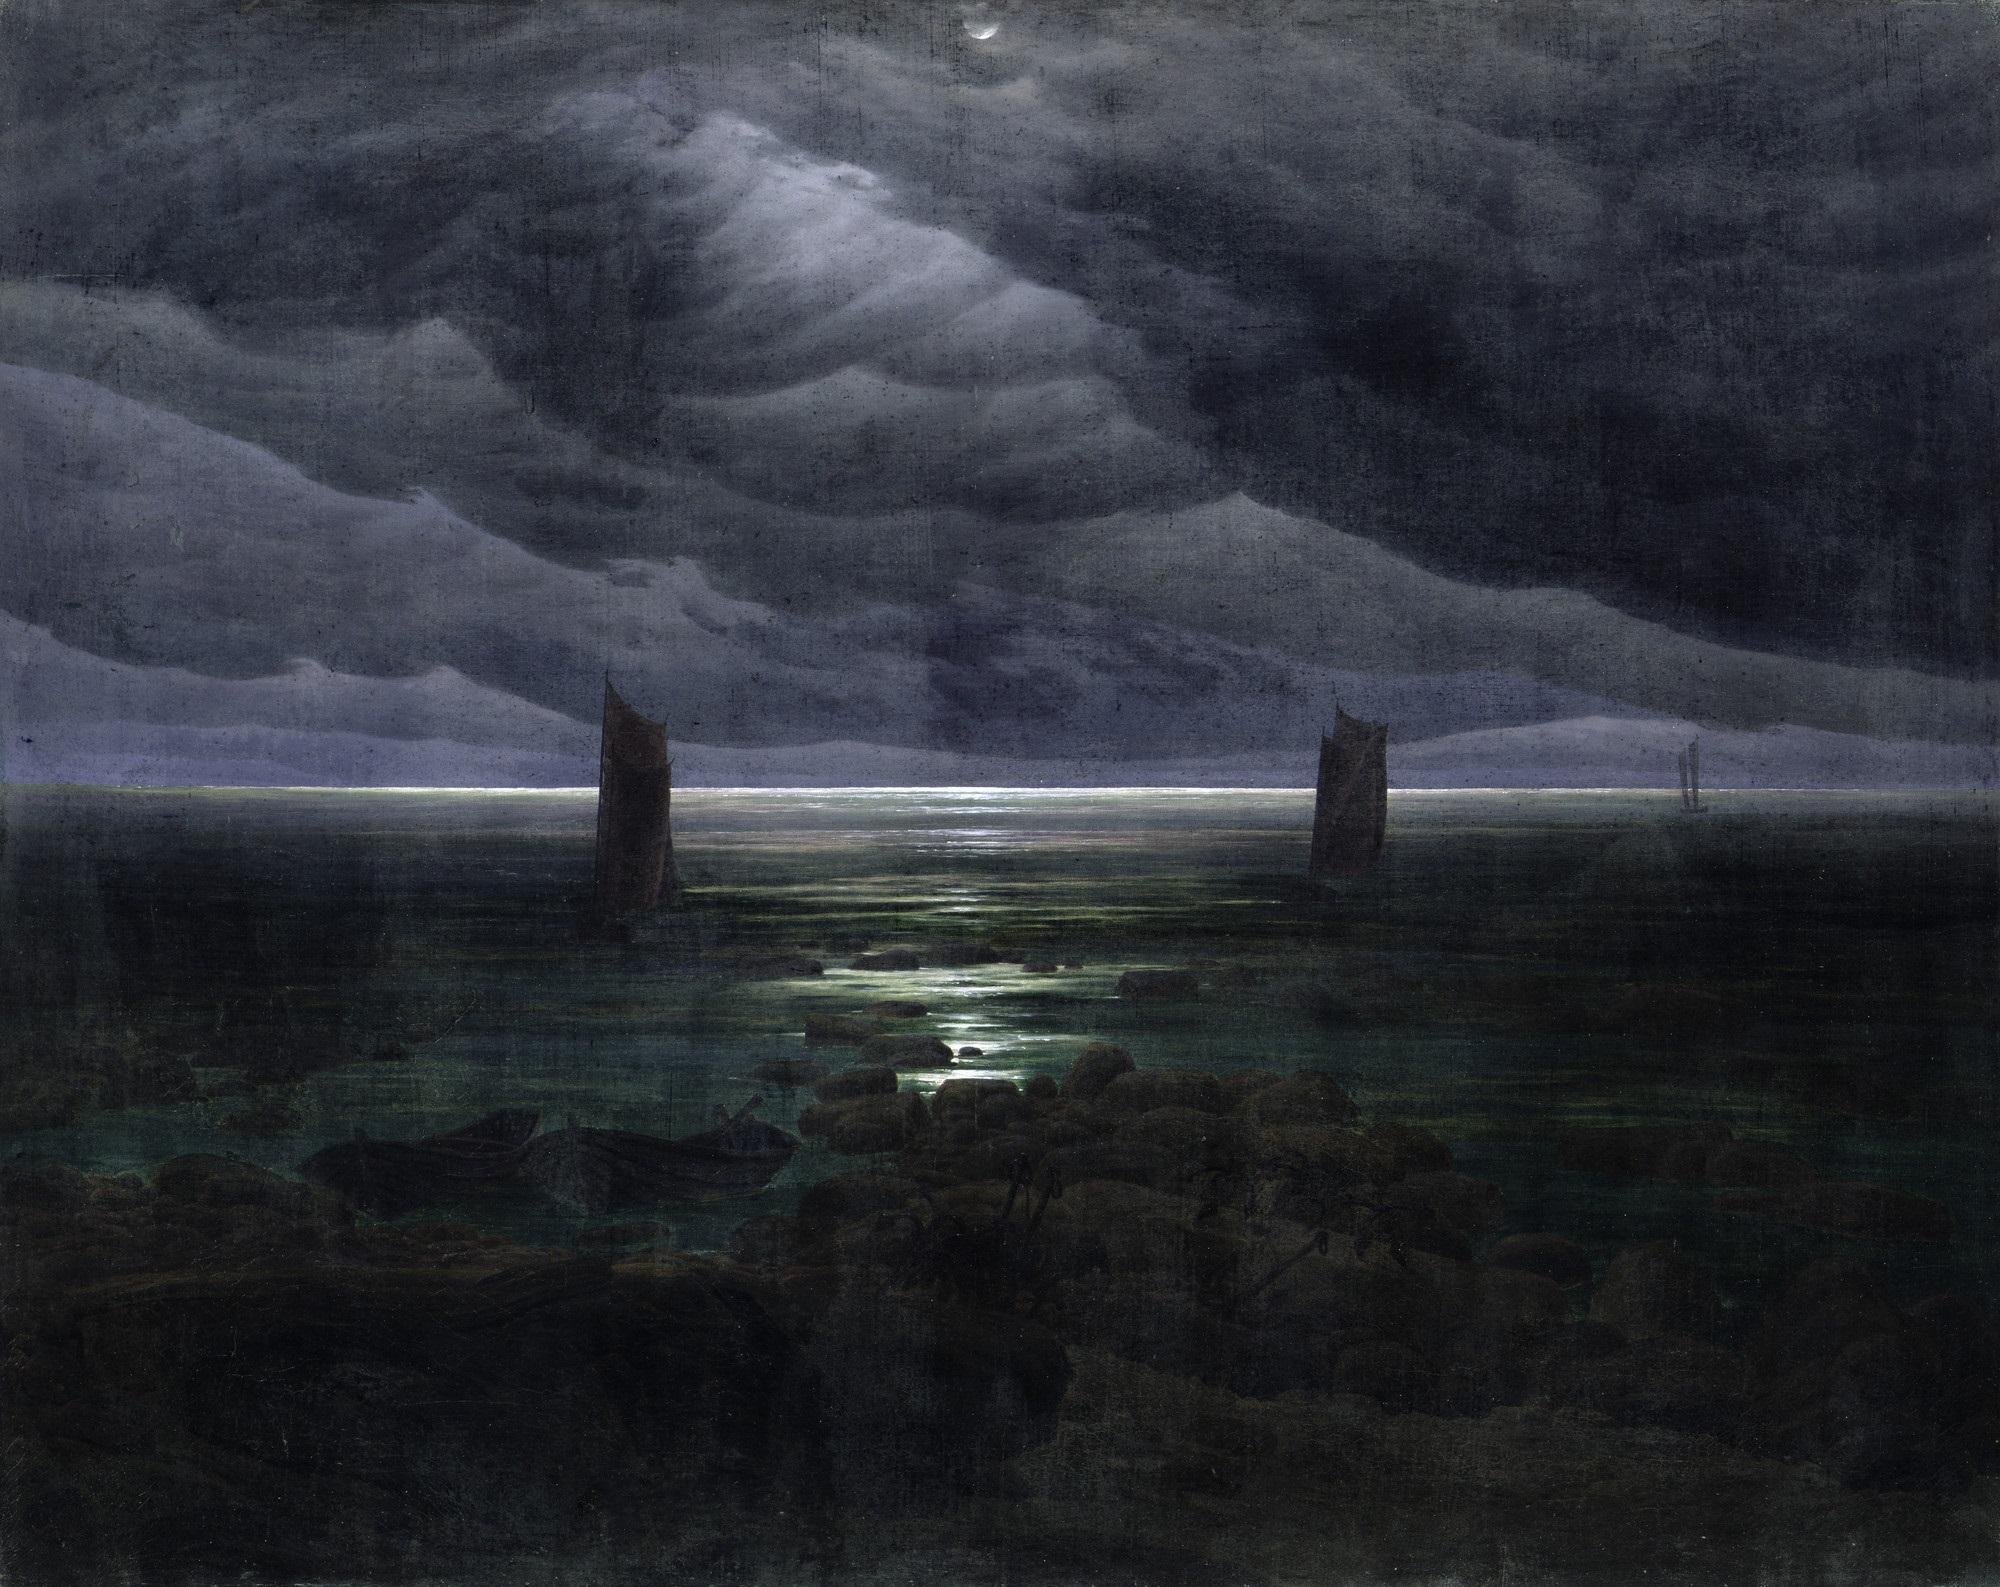 Caspar David Friedrich, Seashore in Moonlight, 1835-36.jpg